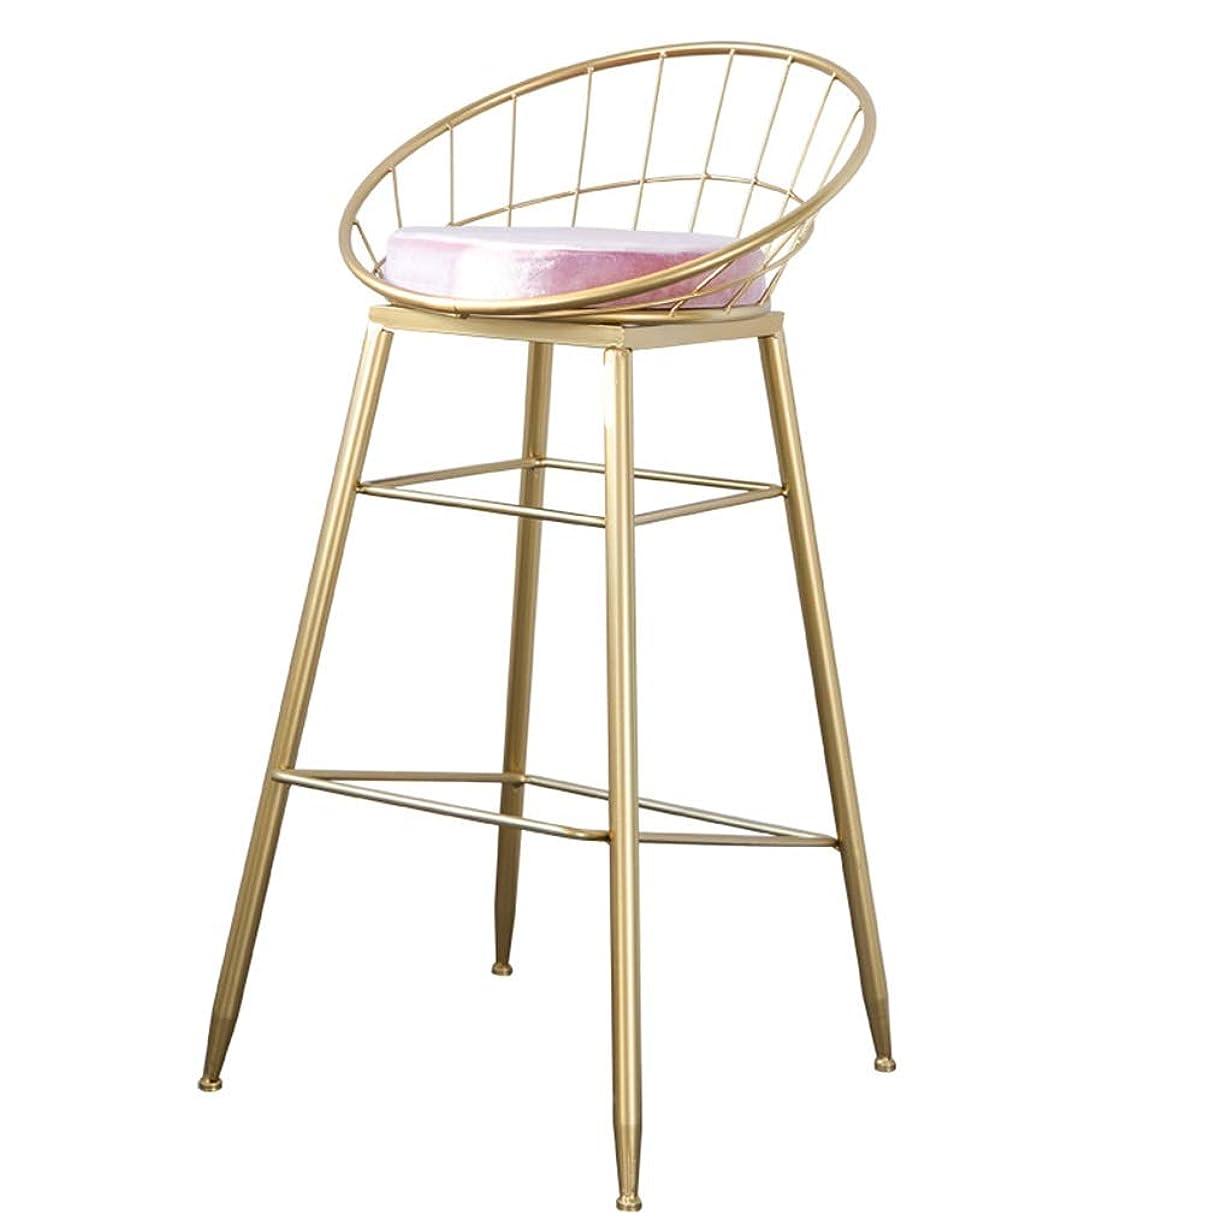 代わりの名声溶けるファッション キッチンのための背もたれフットレスト付きバスタブハイスツールモダンなベルベットクッションダイニングチェア| パブ| 工業用バースツールメタル脚|最大荷重150kg、ピンク (サイズ さいず : 65cm)